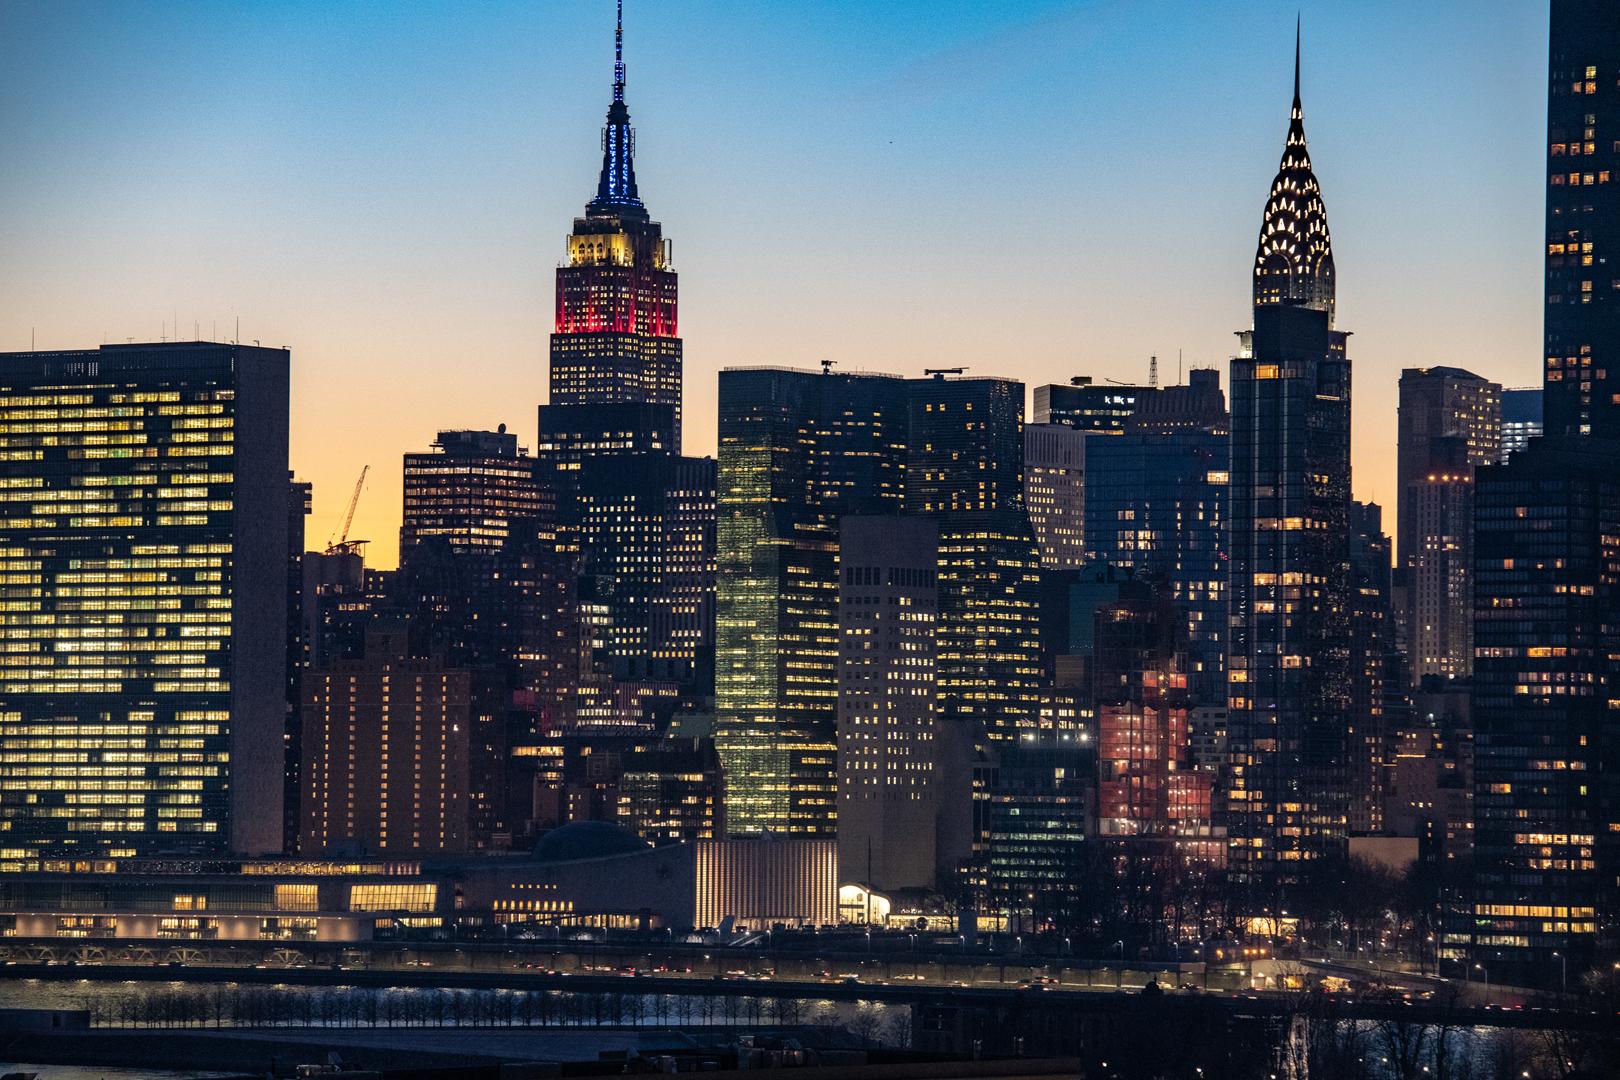 3大夜景ツアー(エンパイアステートビル展望台・ニュージャージーやブルックリンのスポット)